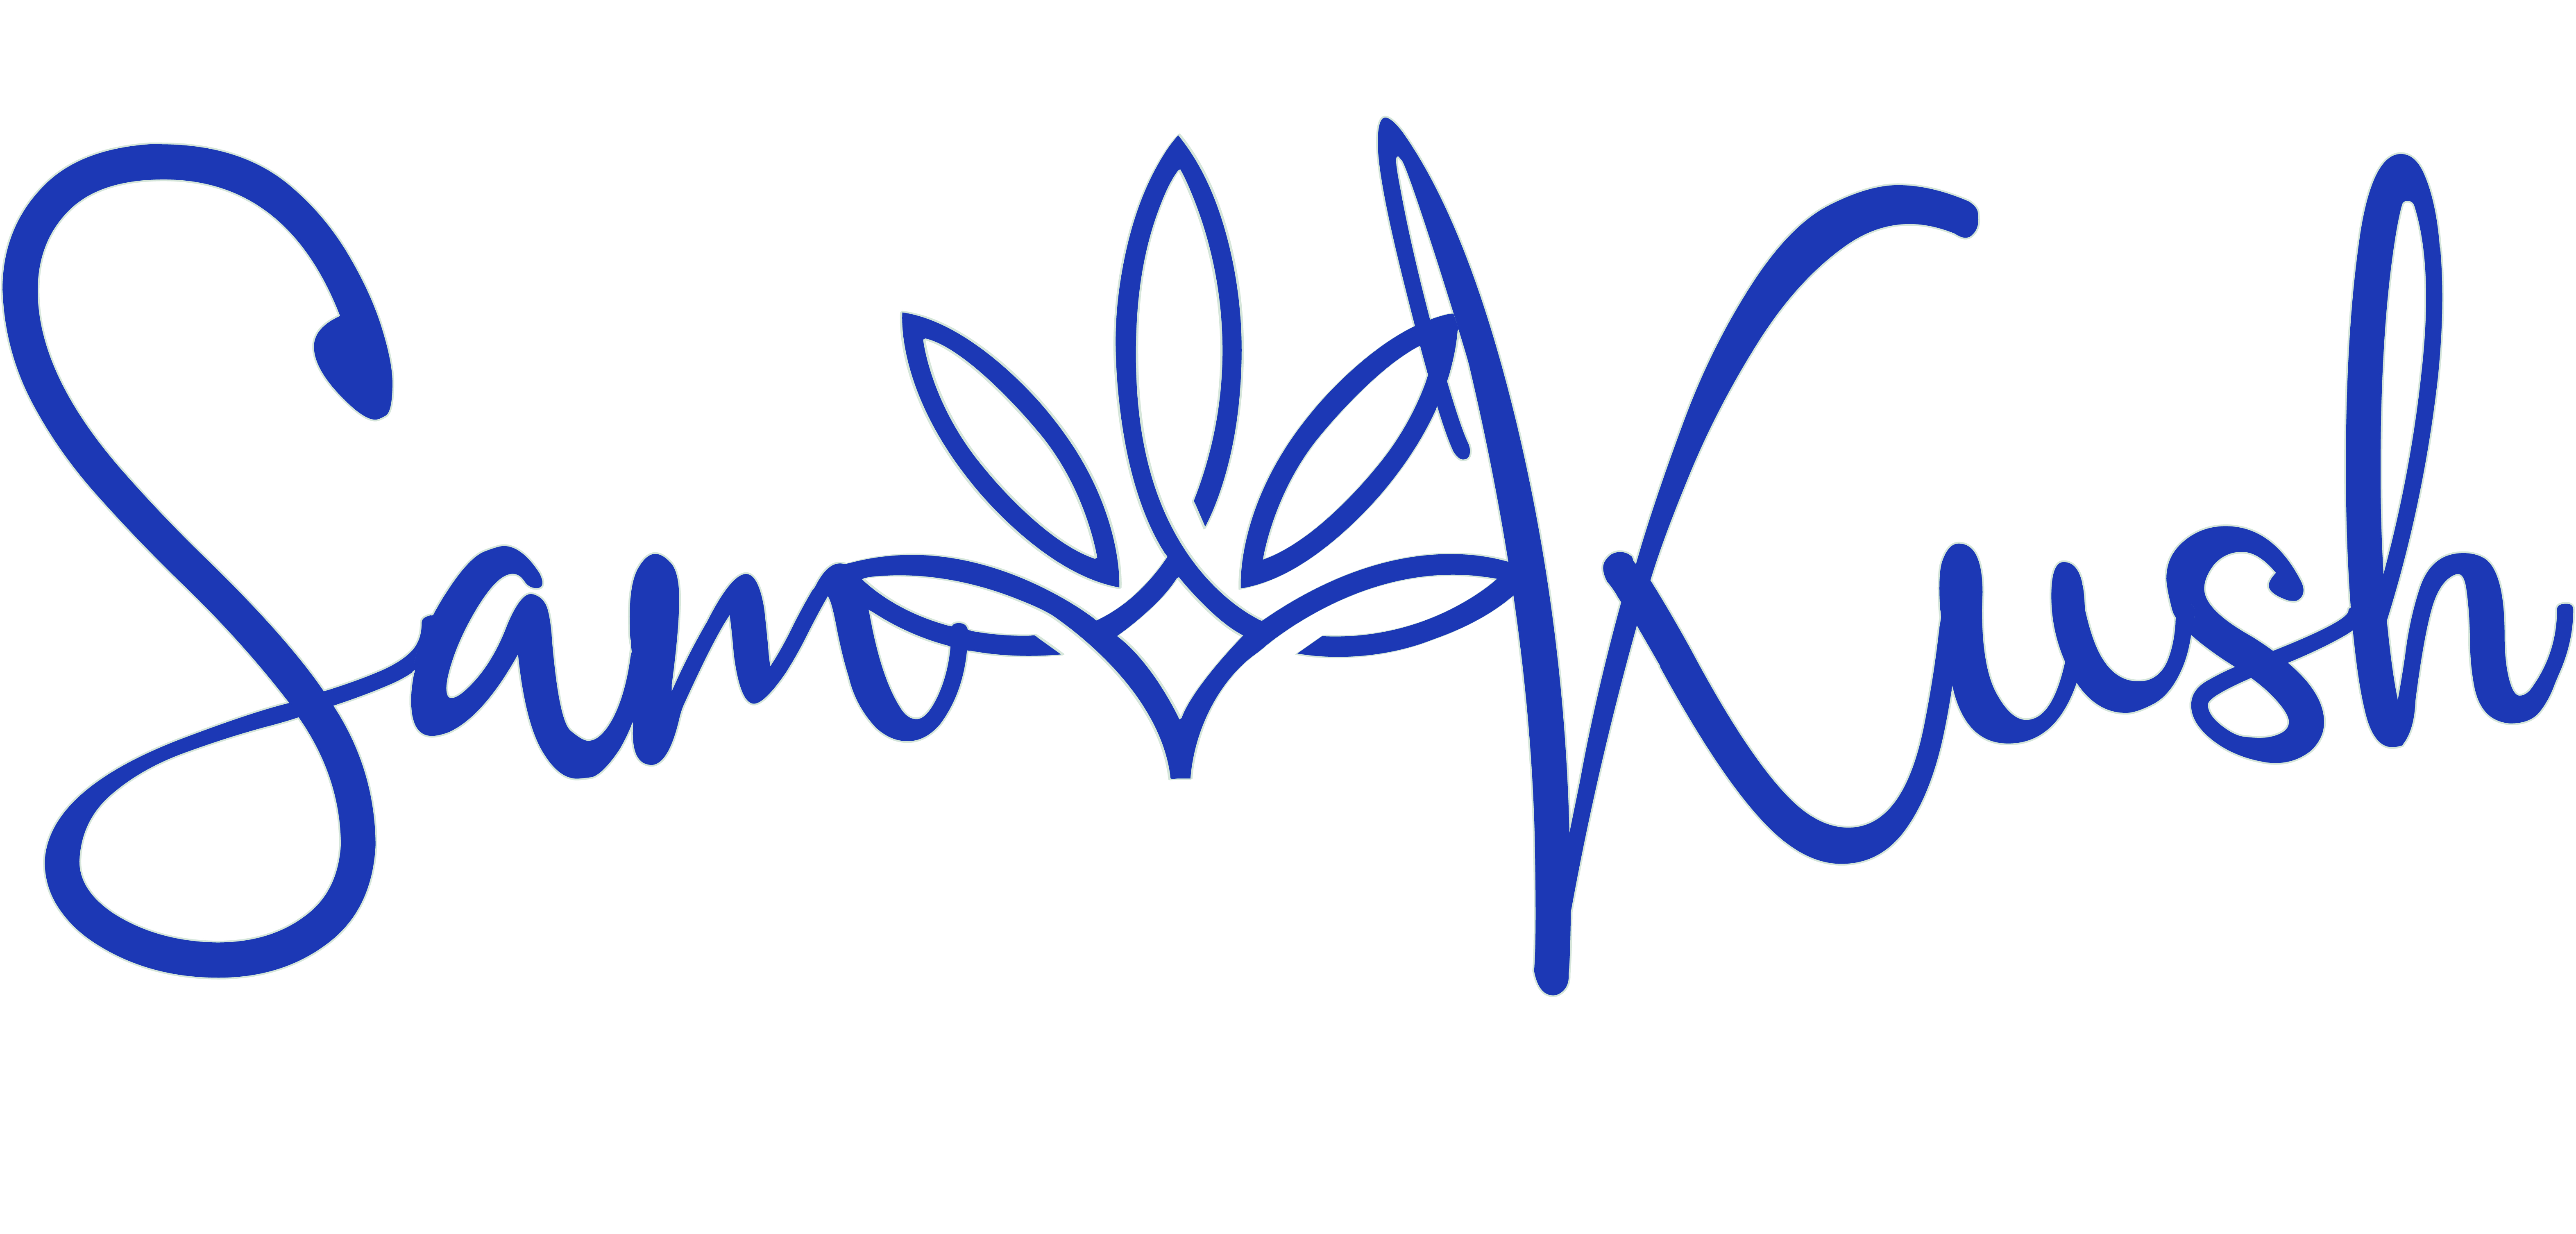 Sam Kush Logo